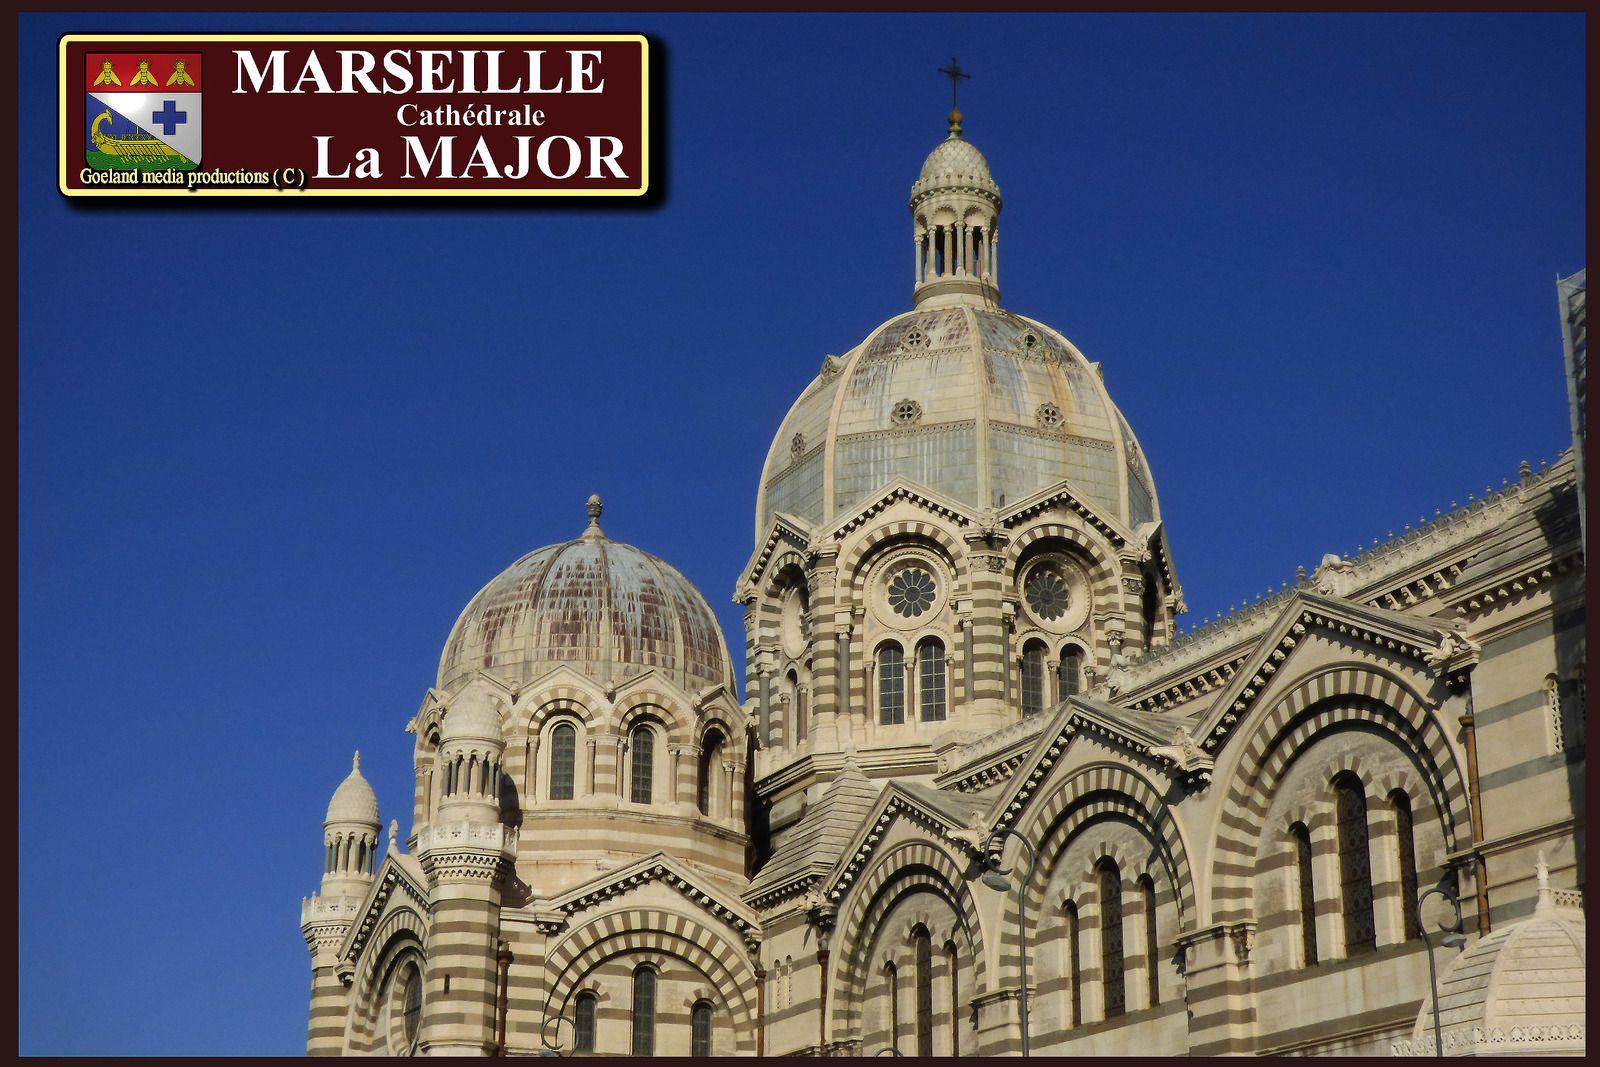 Marseille Cathédrale La MAJOR ( Bouches du Rhône ) région SUD - PACA